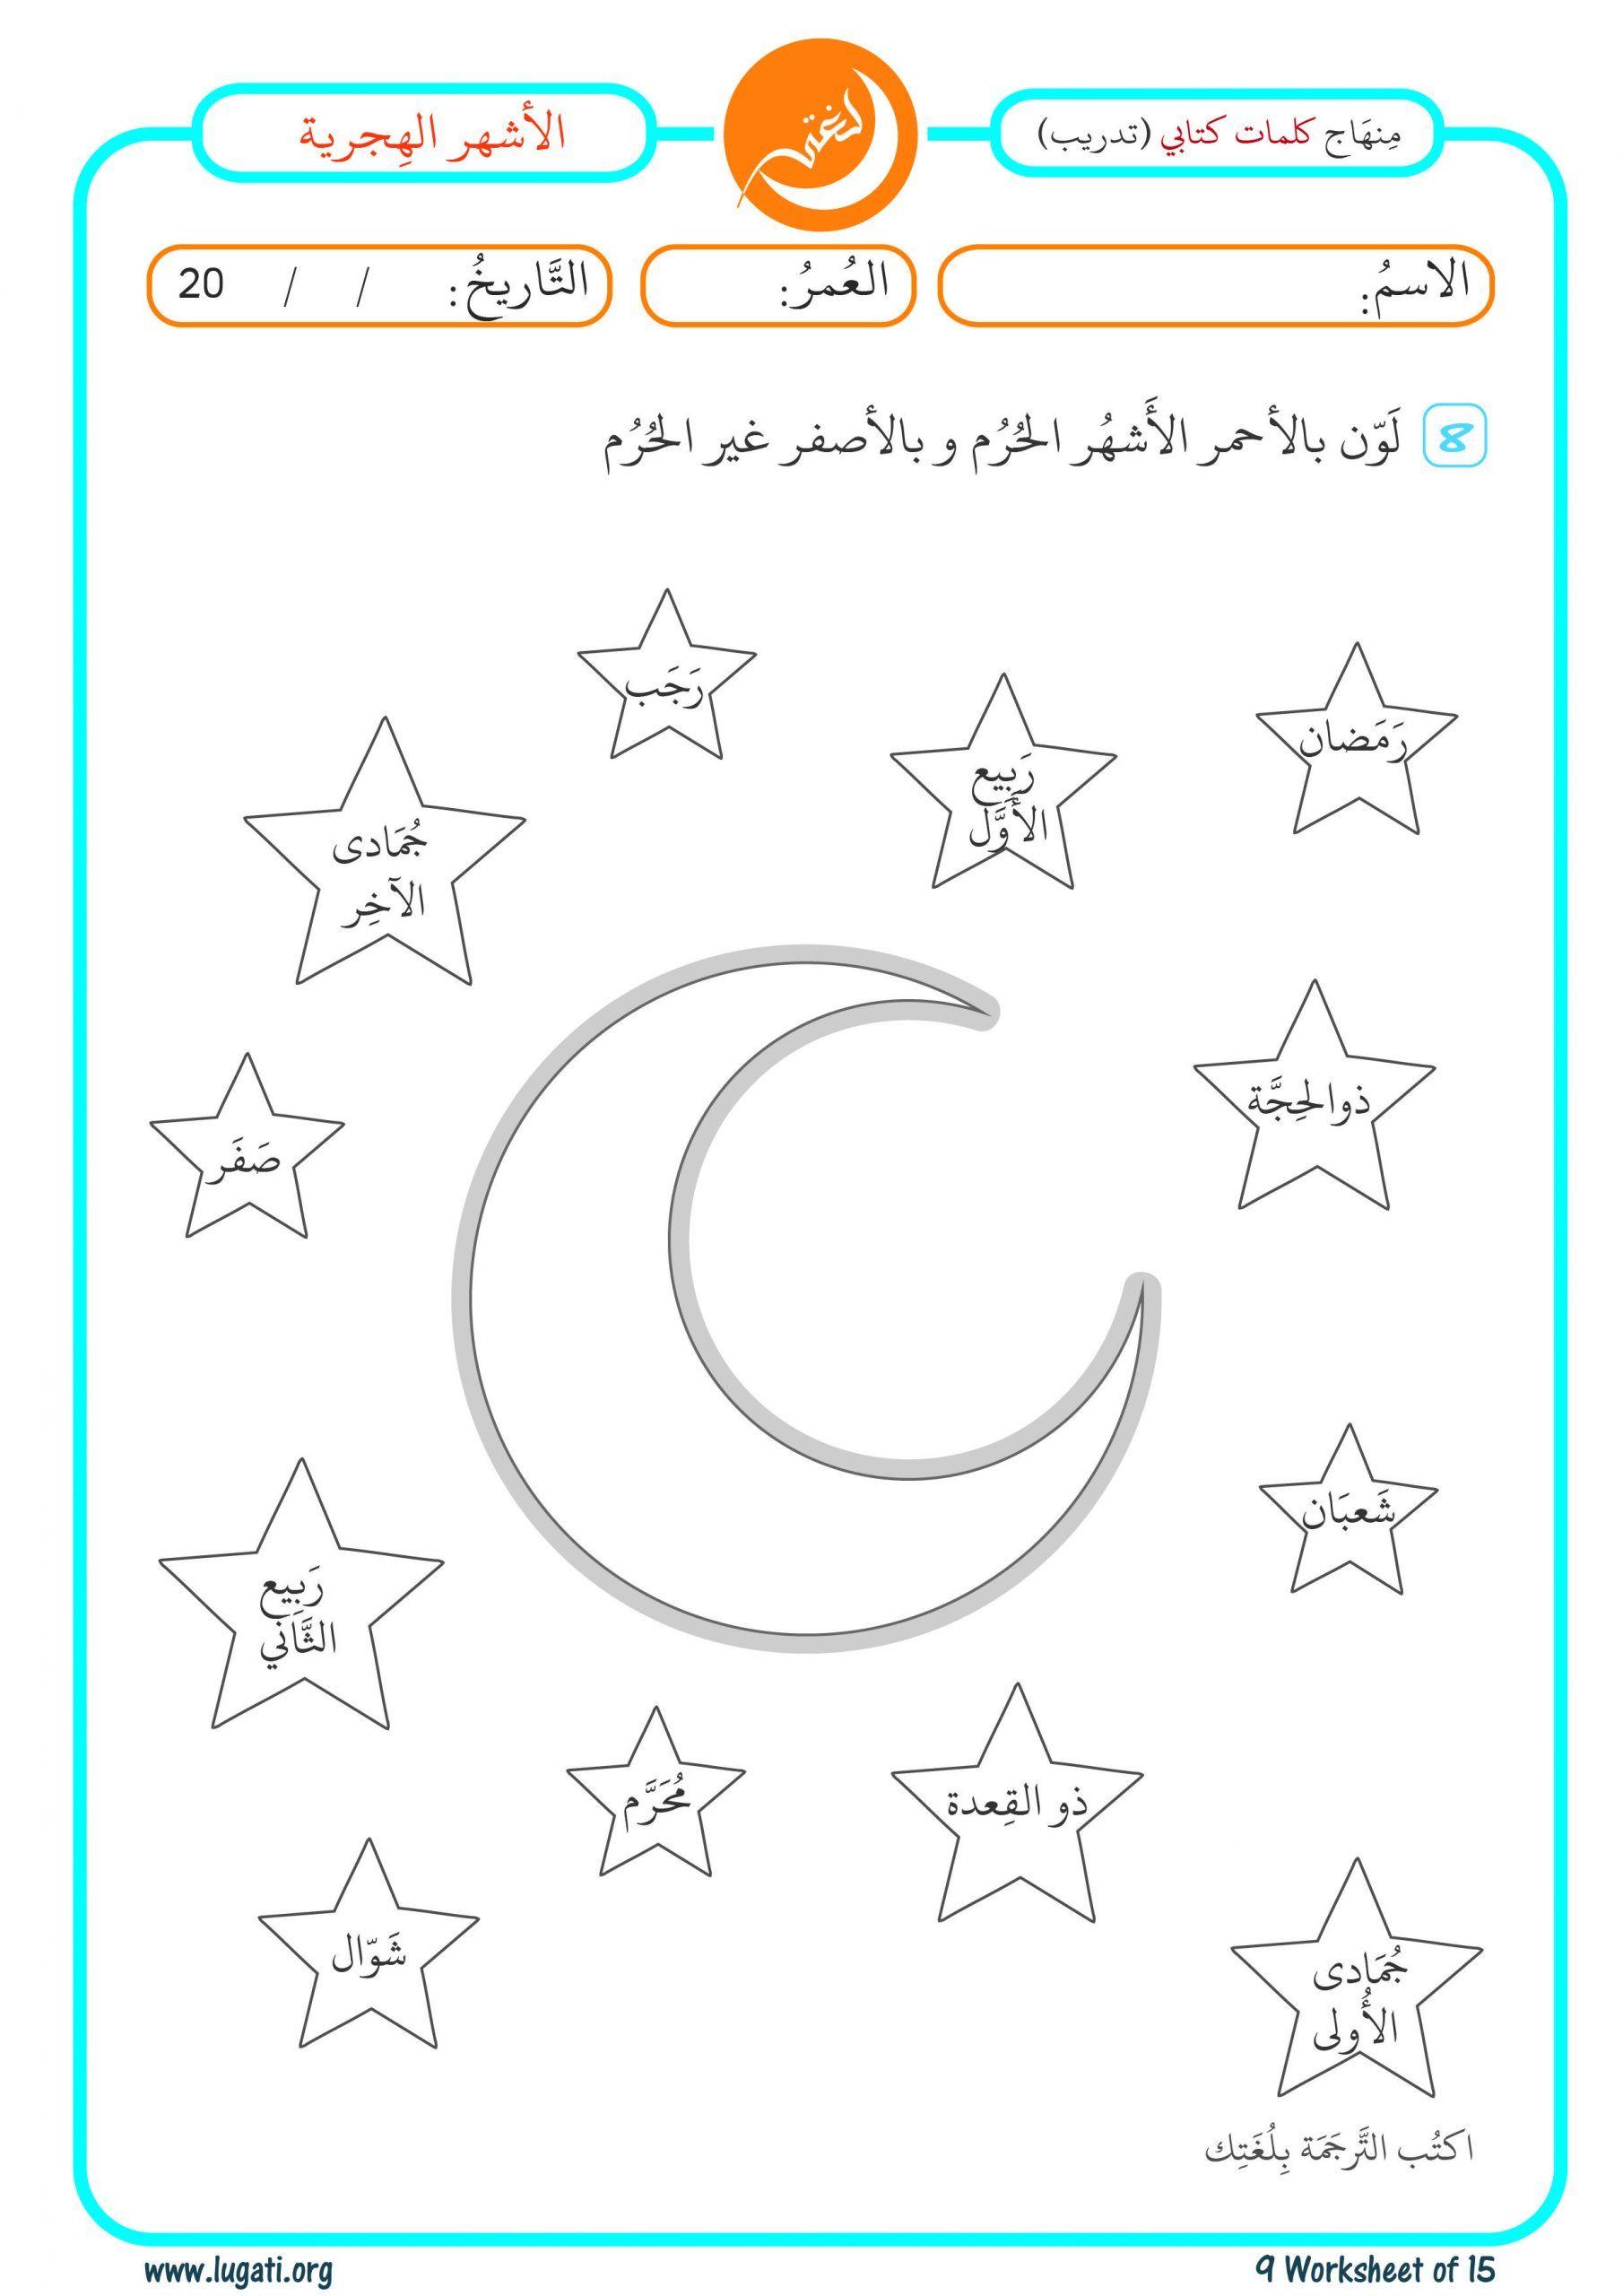 Arabic Worksheets For Kindergarten Worksheet For Kindergarten Preschool Worksheets Kindergarten Worksheets Printable Kindergarten Worksheets [ 2560 x 1810 Pixel ]